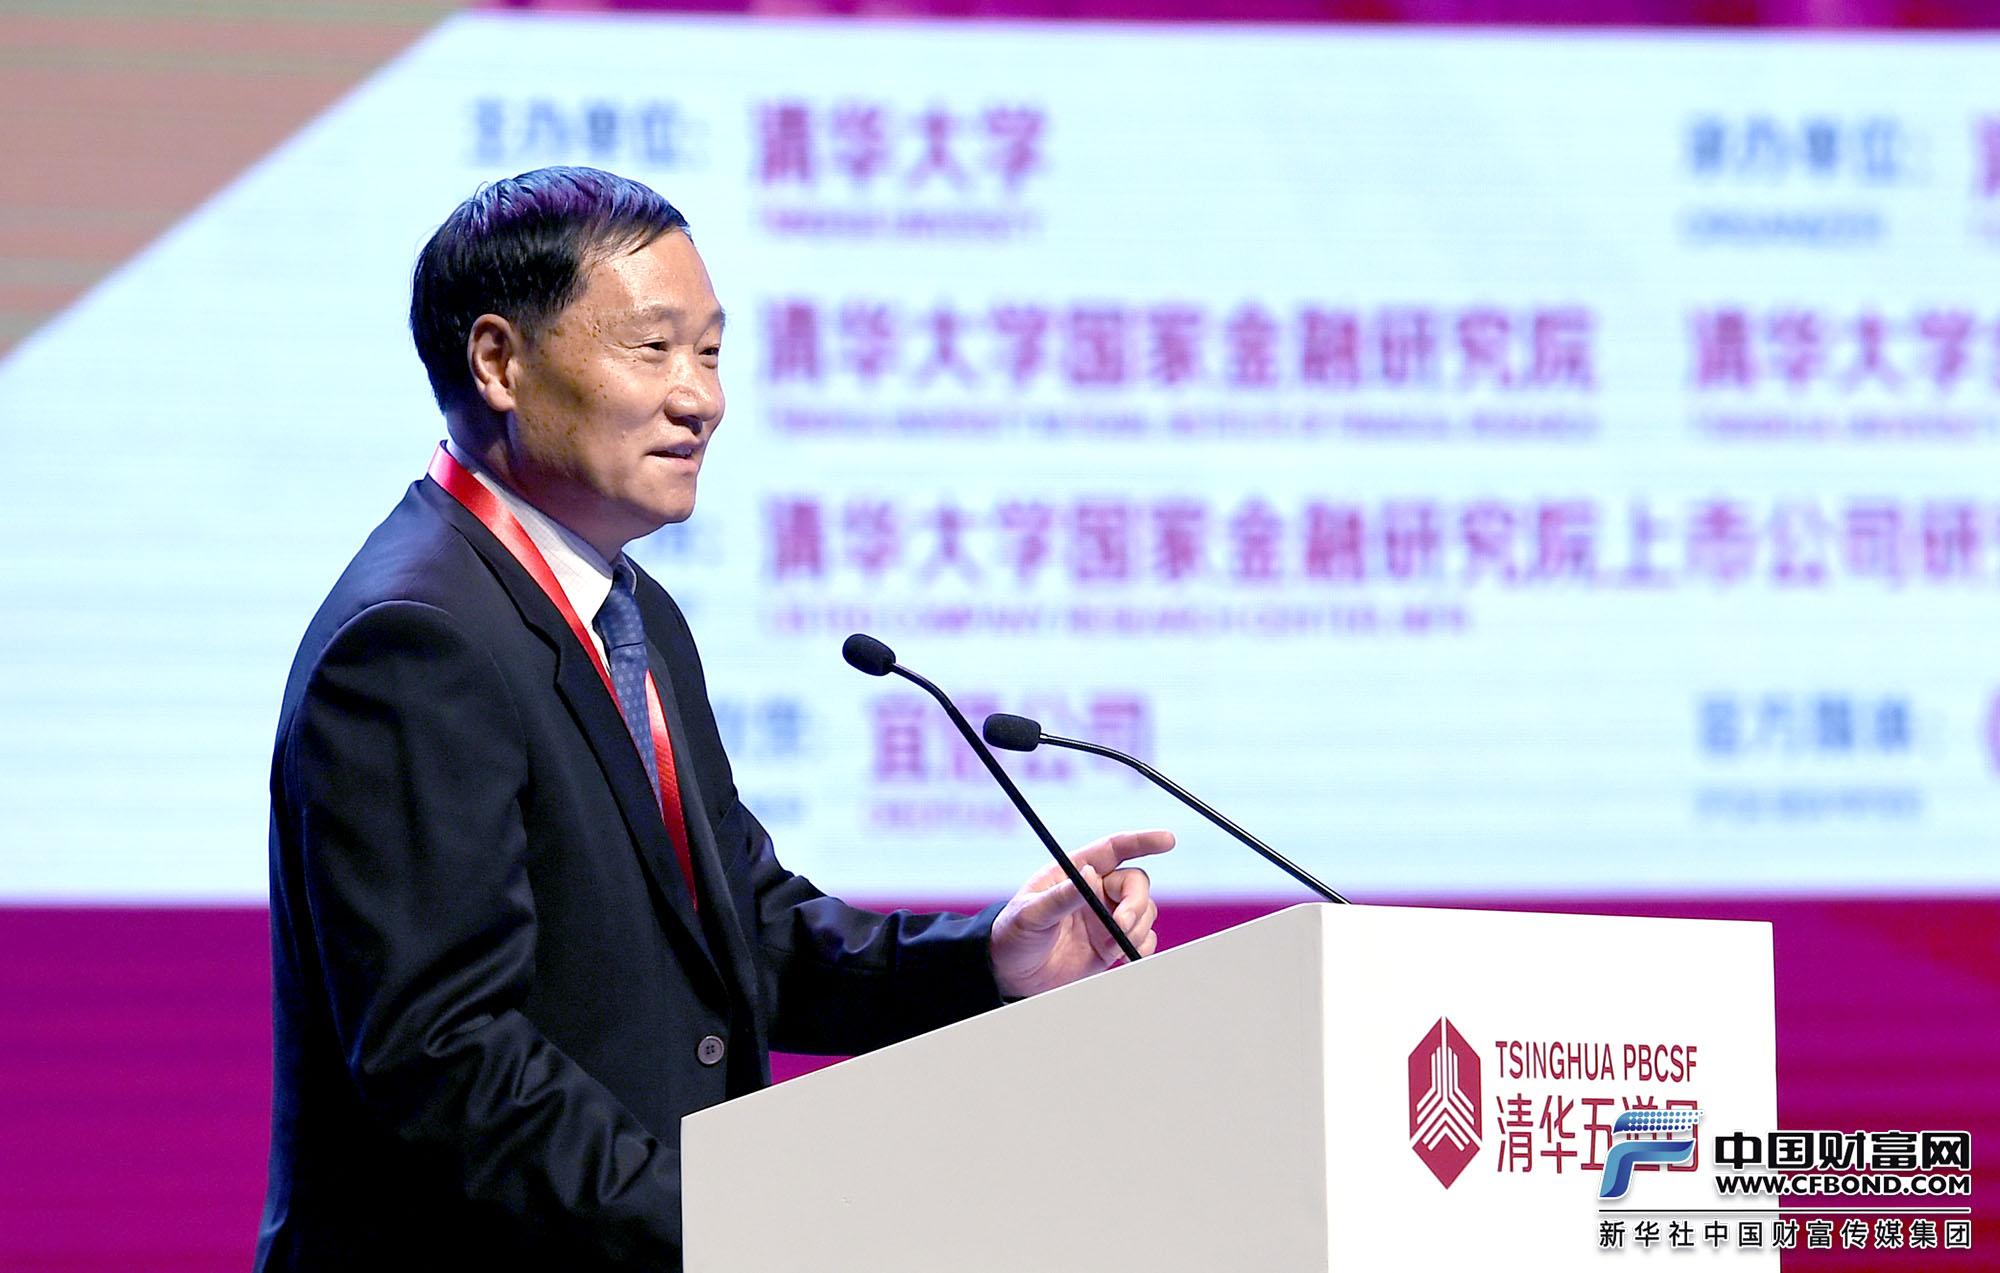 演讲嘉宾:全国政协委员,中国证券监督管理委员会原主席肖钢